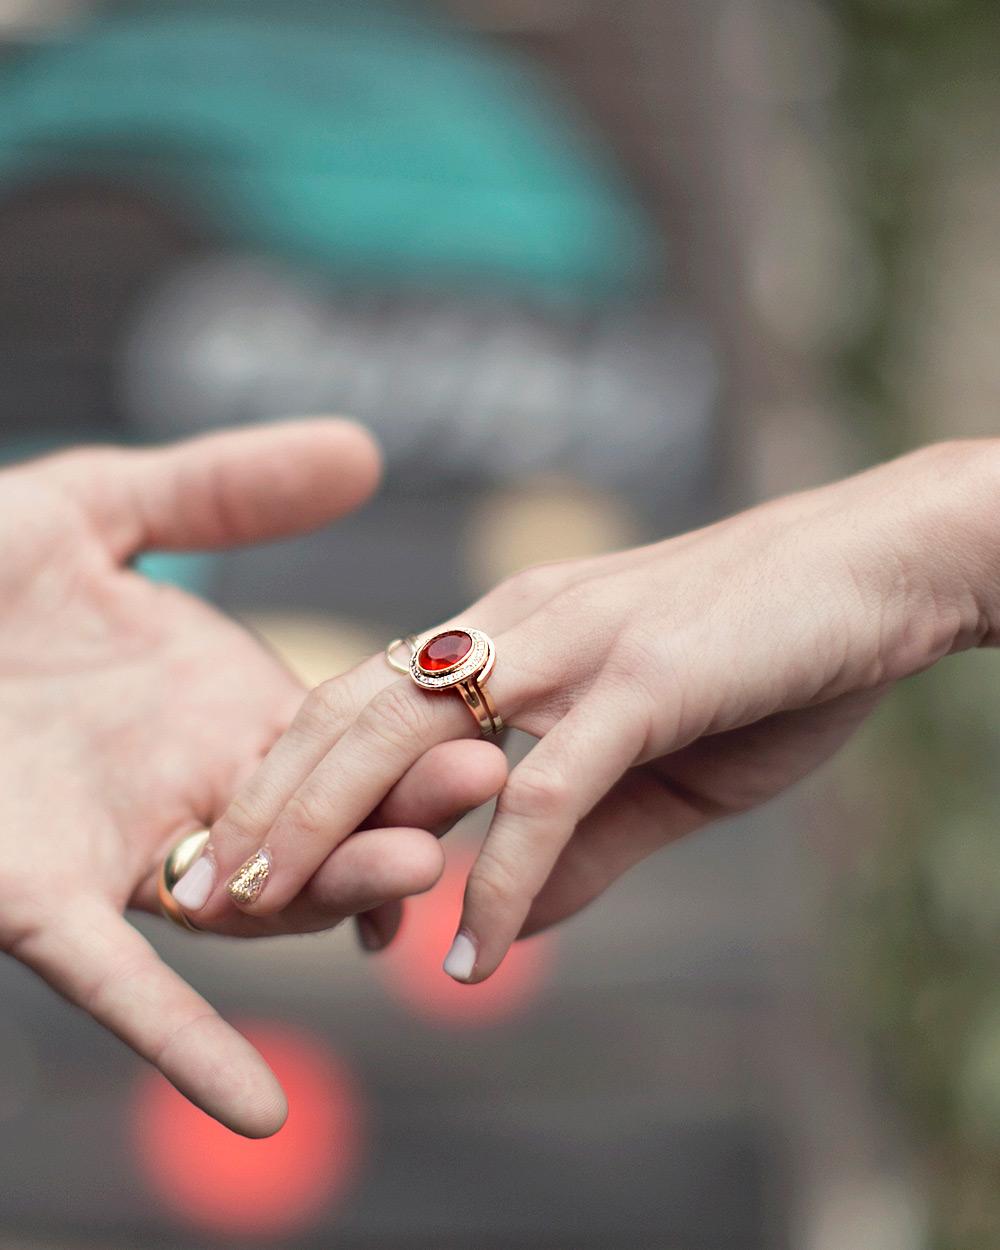 kristen-steve-flowerhouse-wedding-ring-6275-s113059-0616.jpg